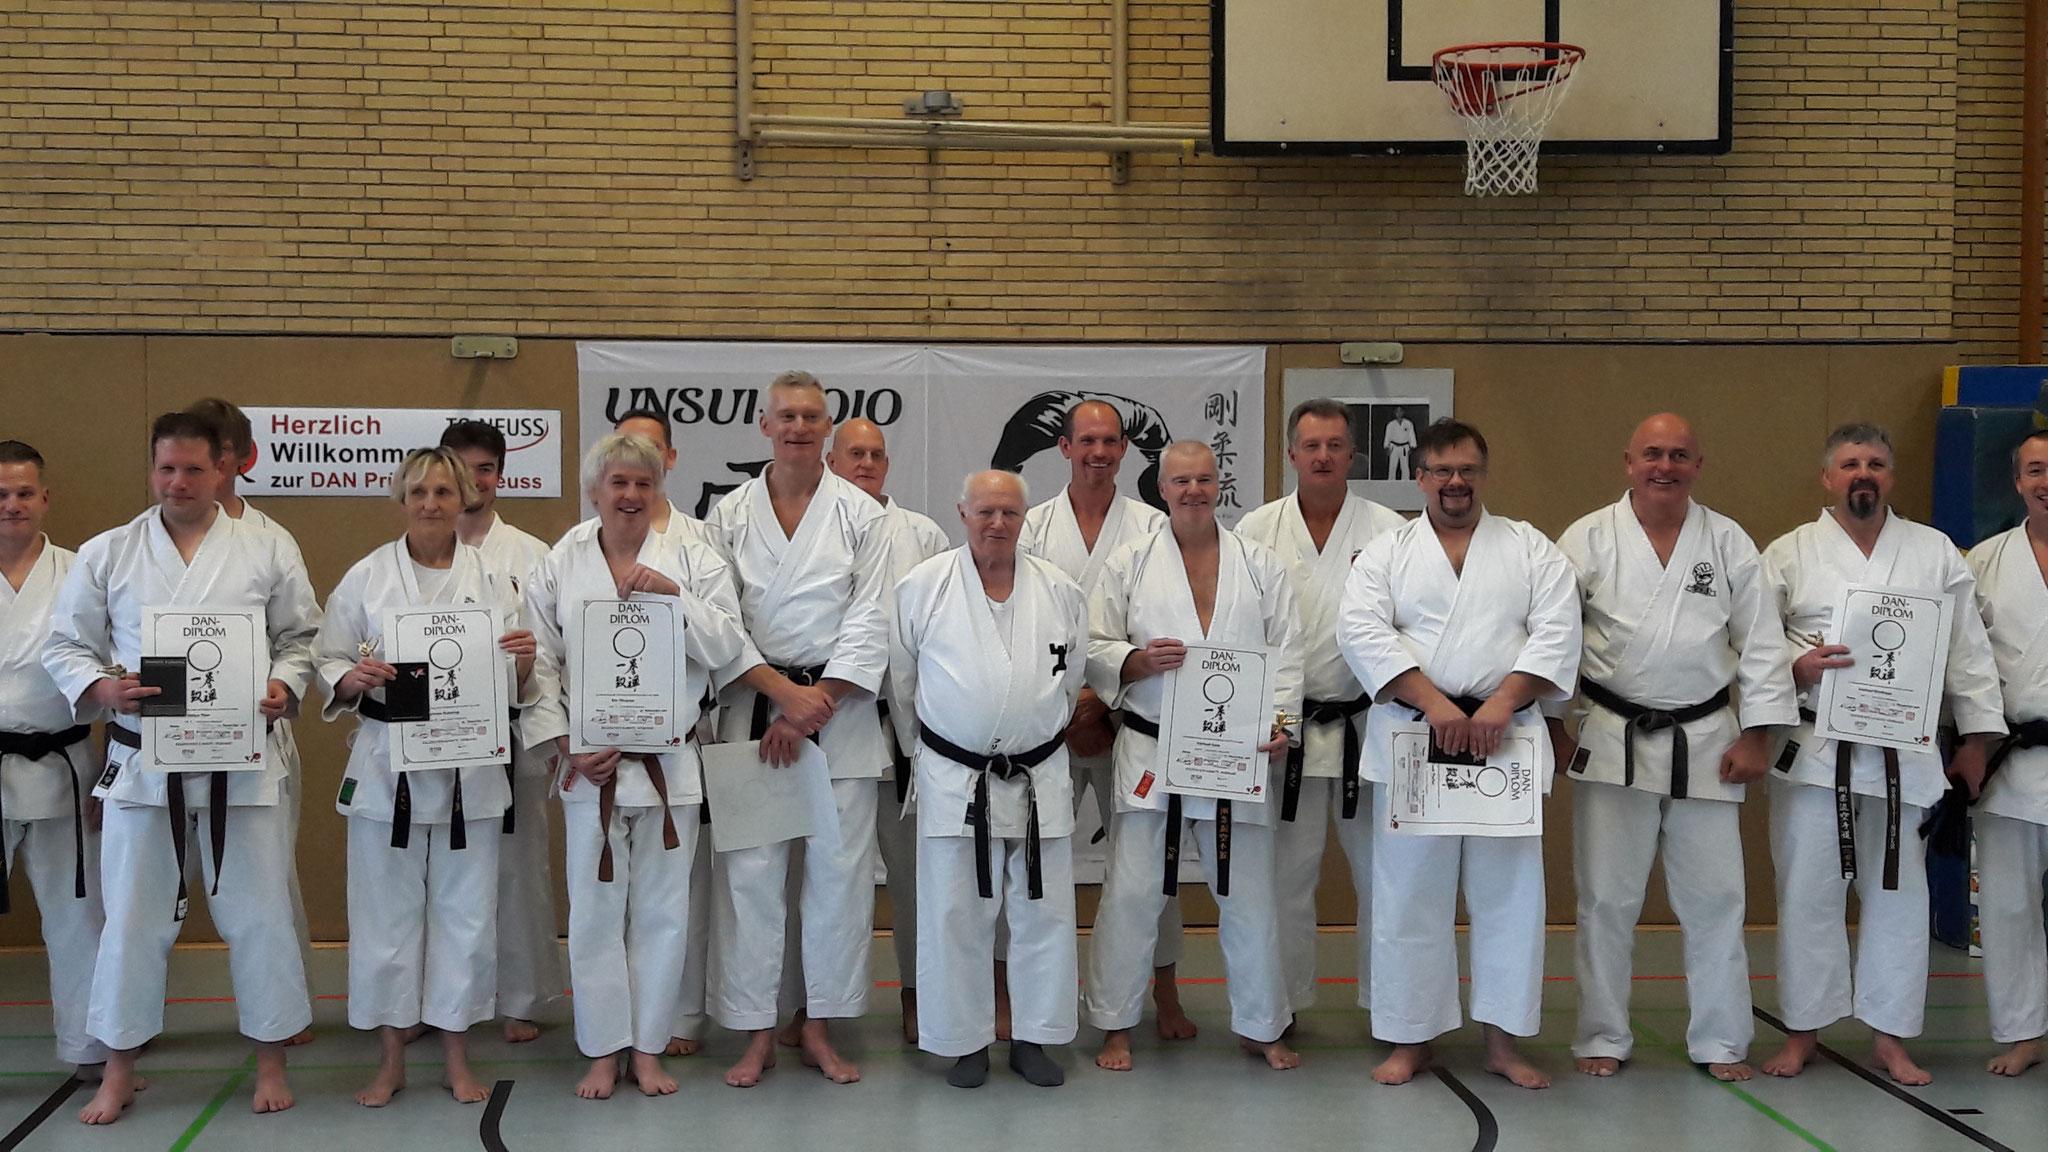 Karate Dan Prüfung von Gerd Wegner Glückwunsch zum 4.Dan und vielen Dank an den Partner Thomas Neumann